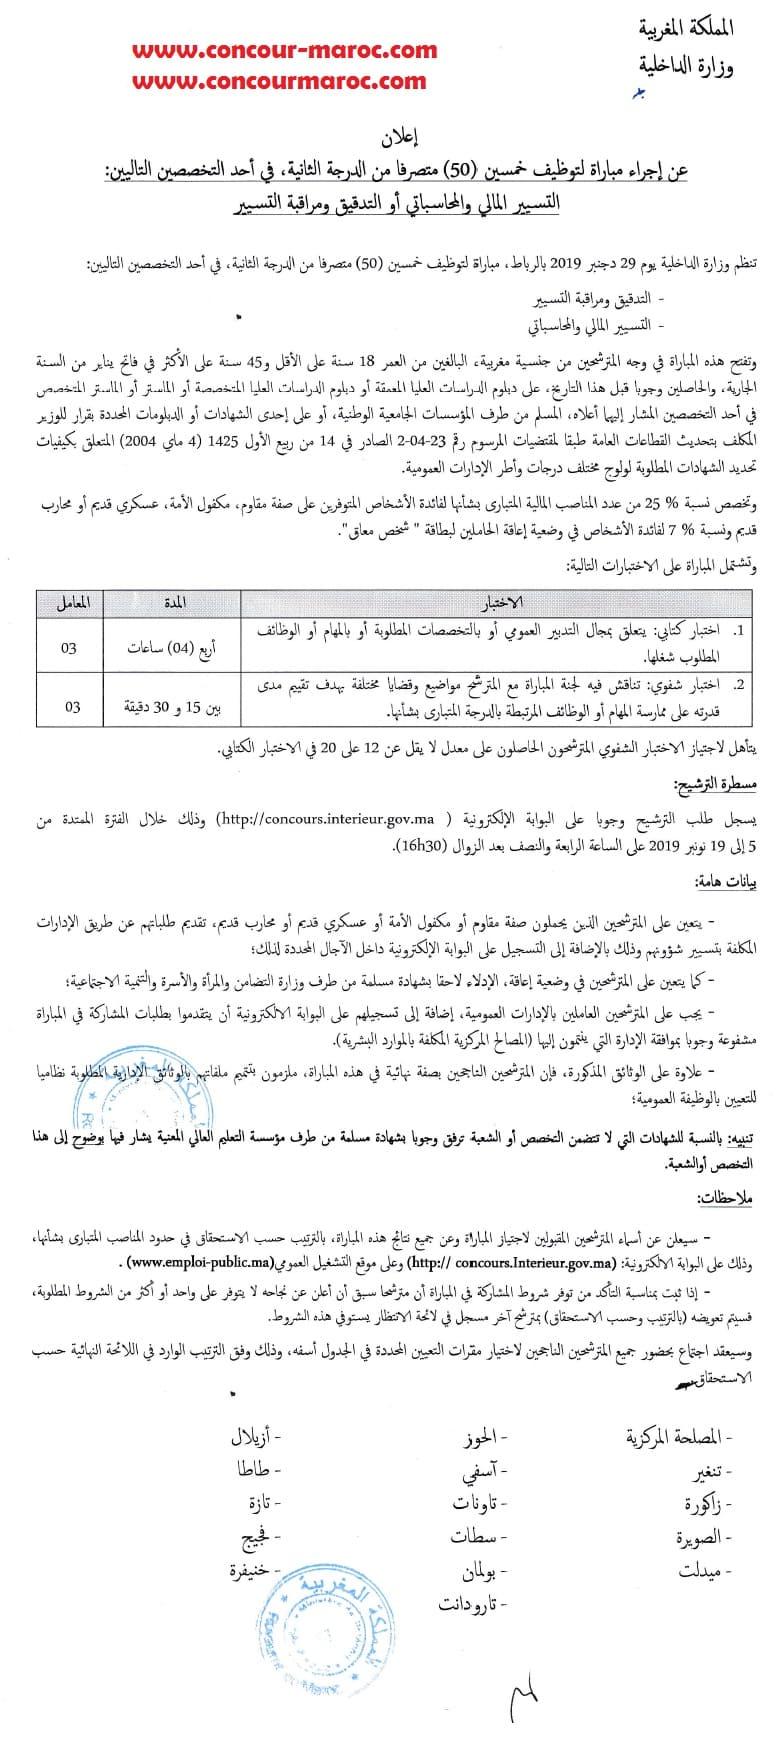 وزارة الداخلية مباراة لتوظيف 154 منصب اطر و مهندسين في عدة تخصصات آخر أجل 19 نونبر 2019 Conco103